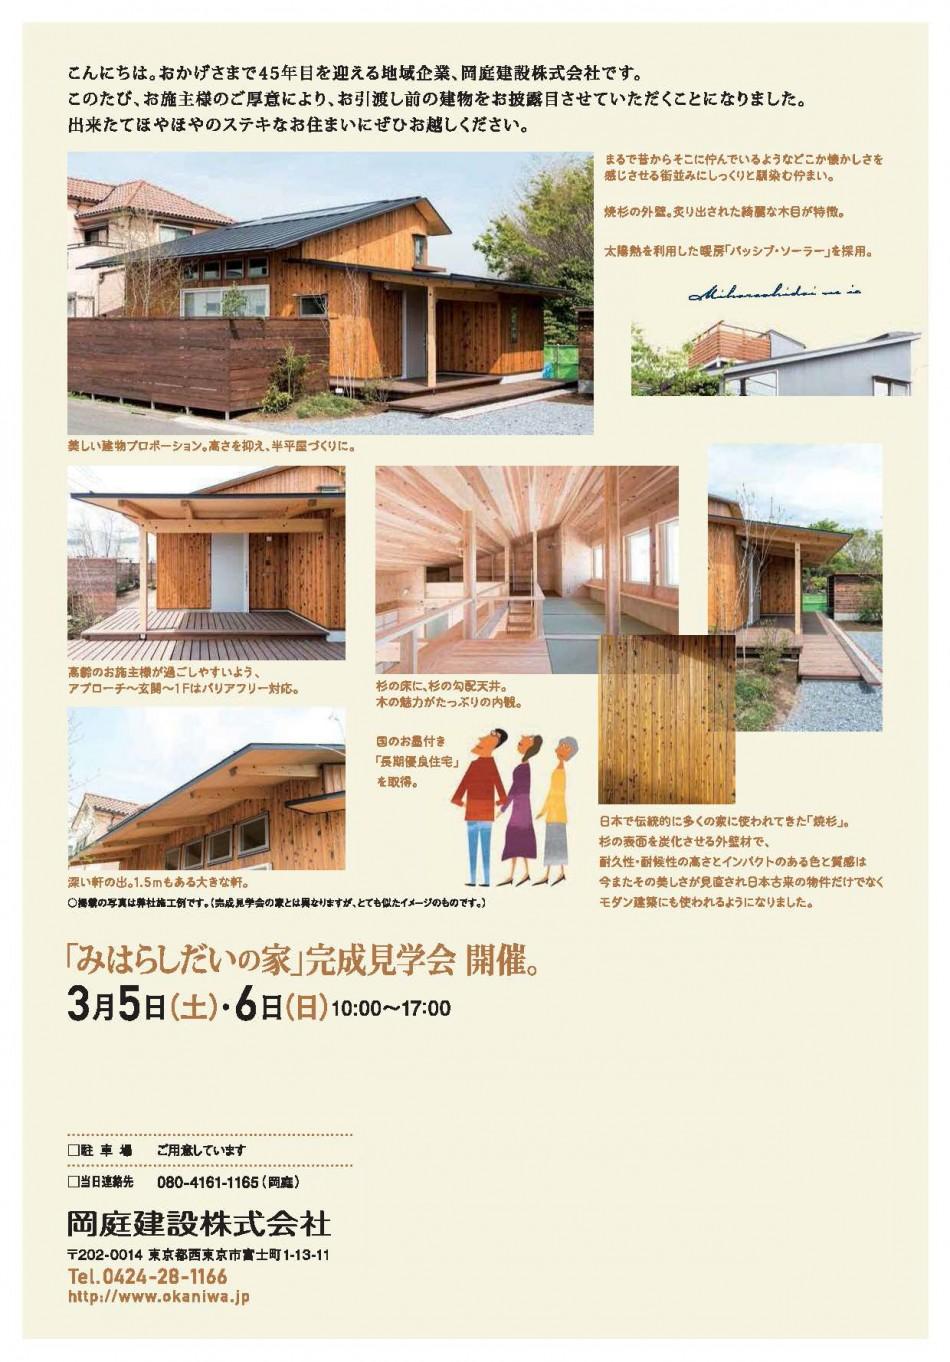 みはらしだいの家完成見学会_ページ_2